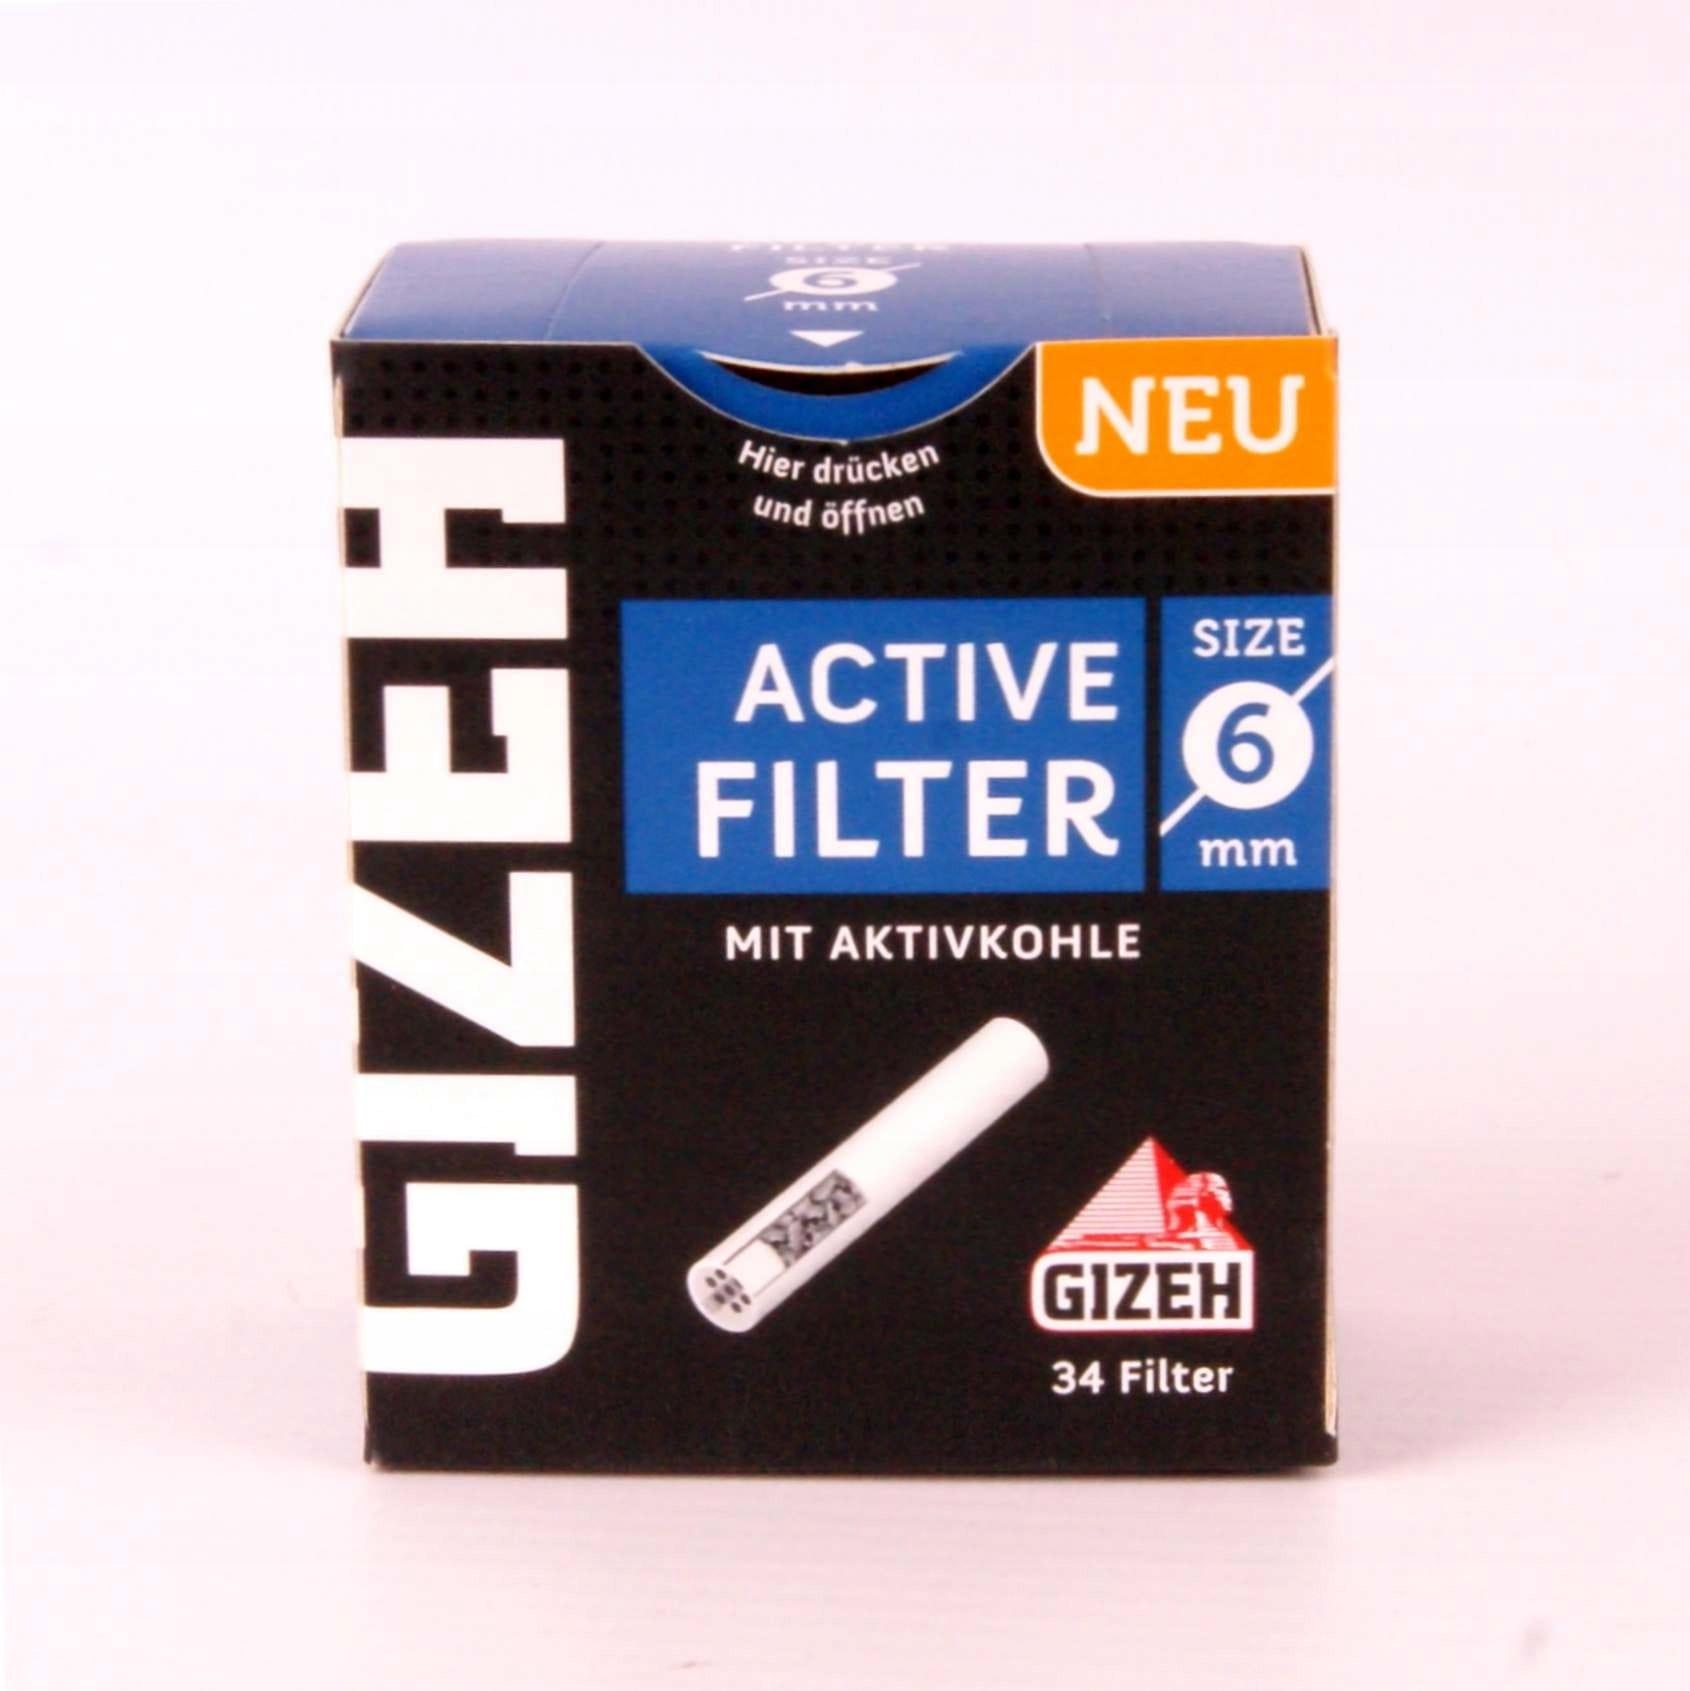 Фильтр, труба, Фильтры для трубки 6 мм GIZEH BrogShop